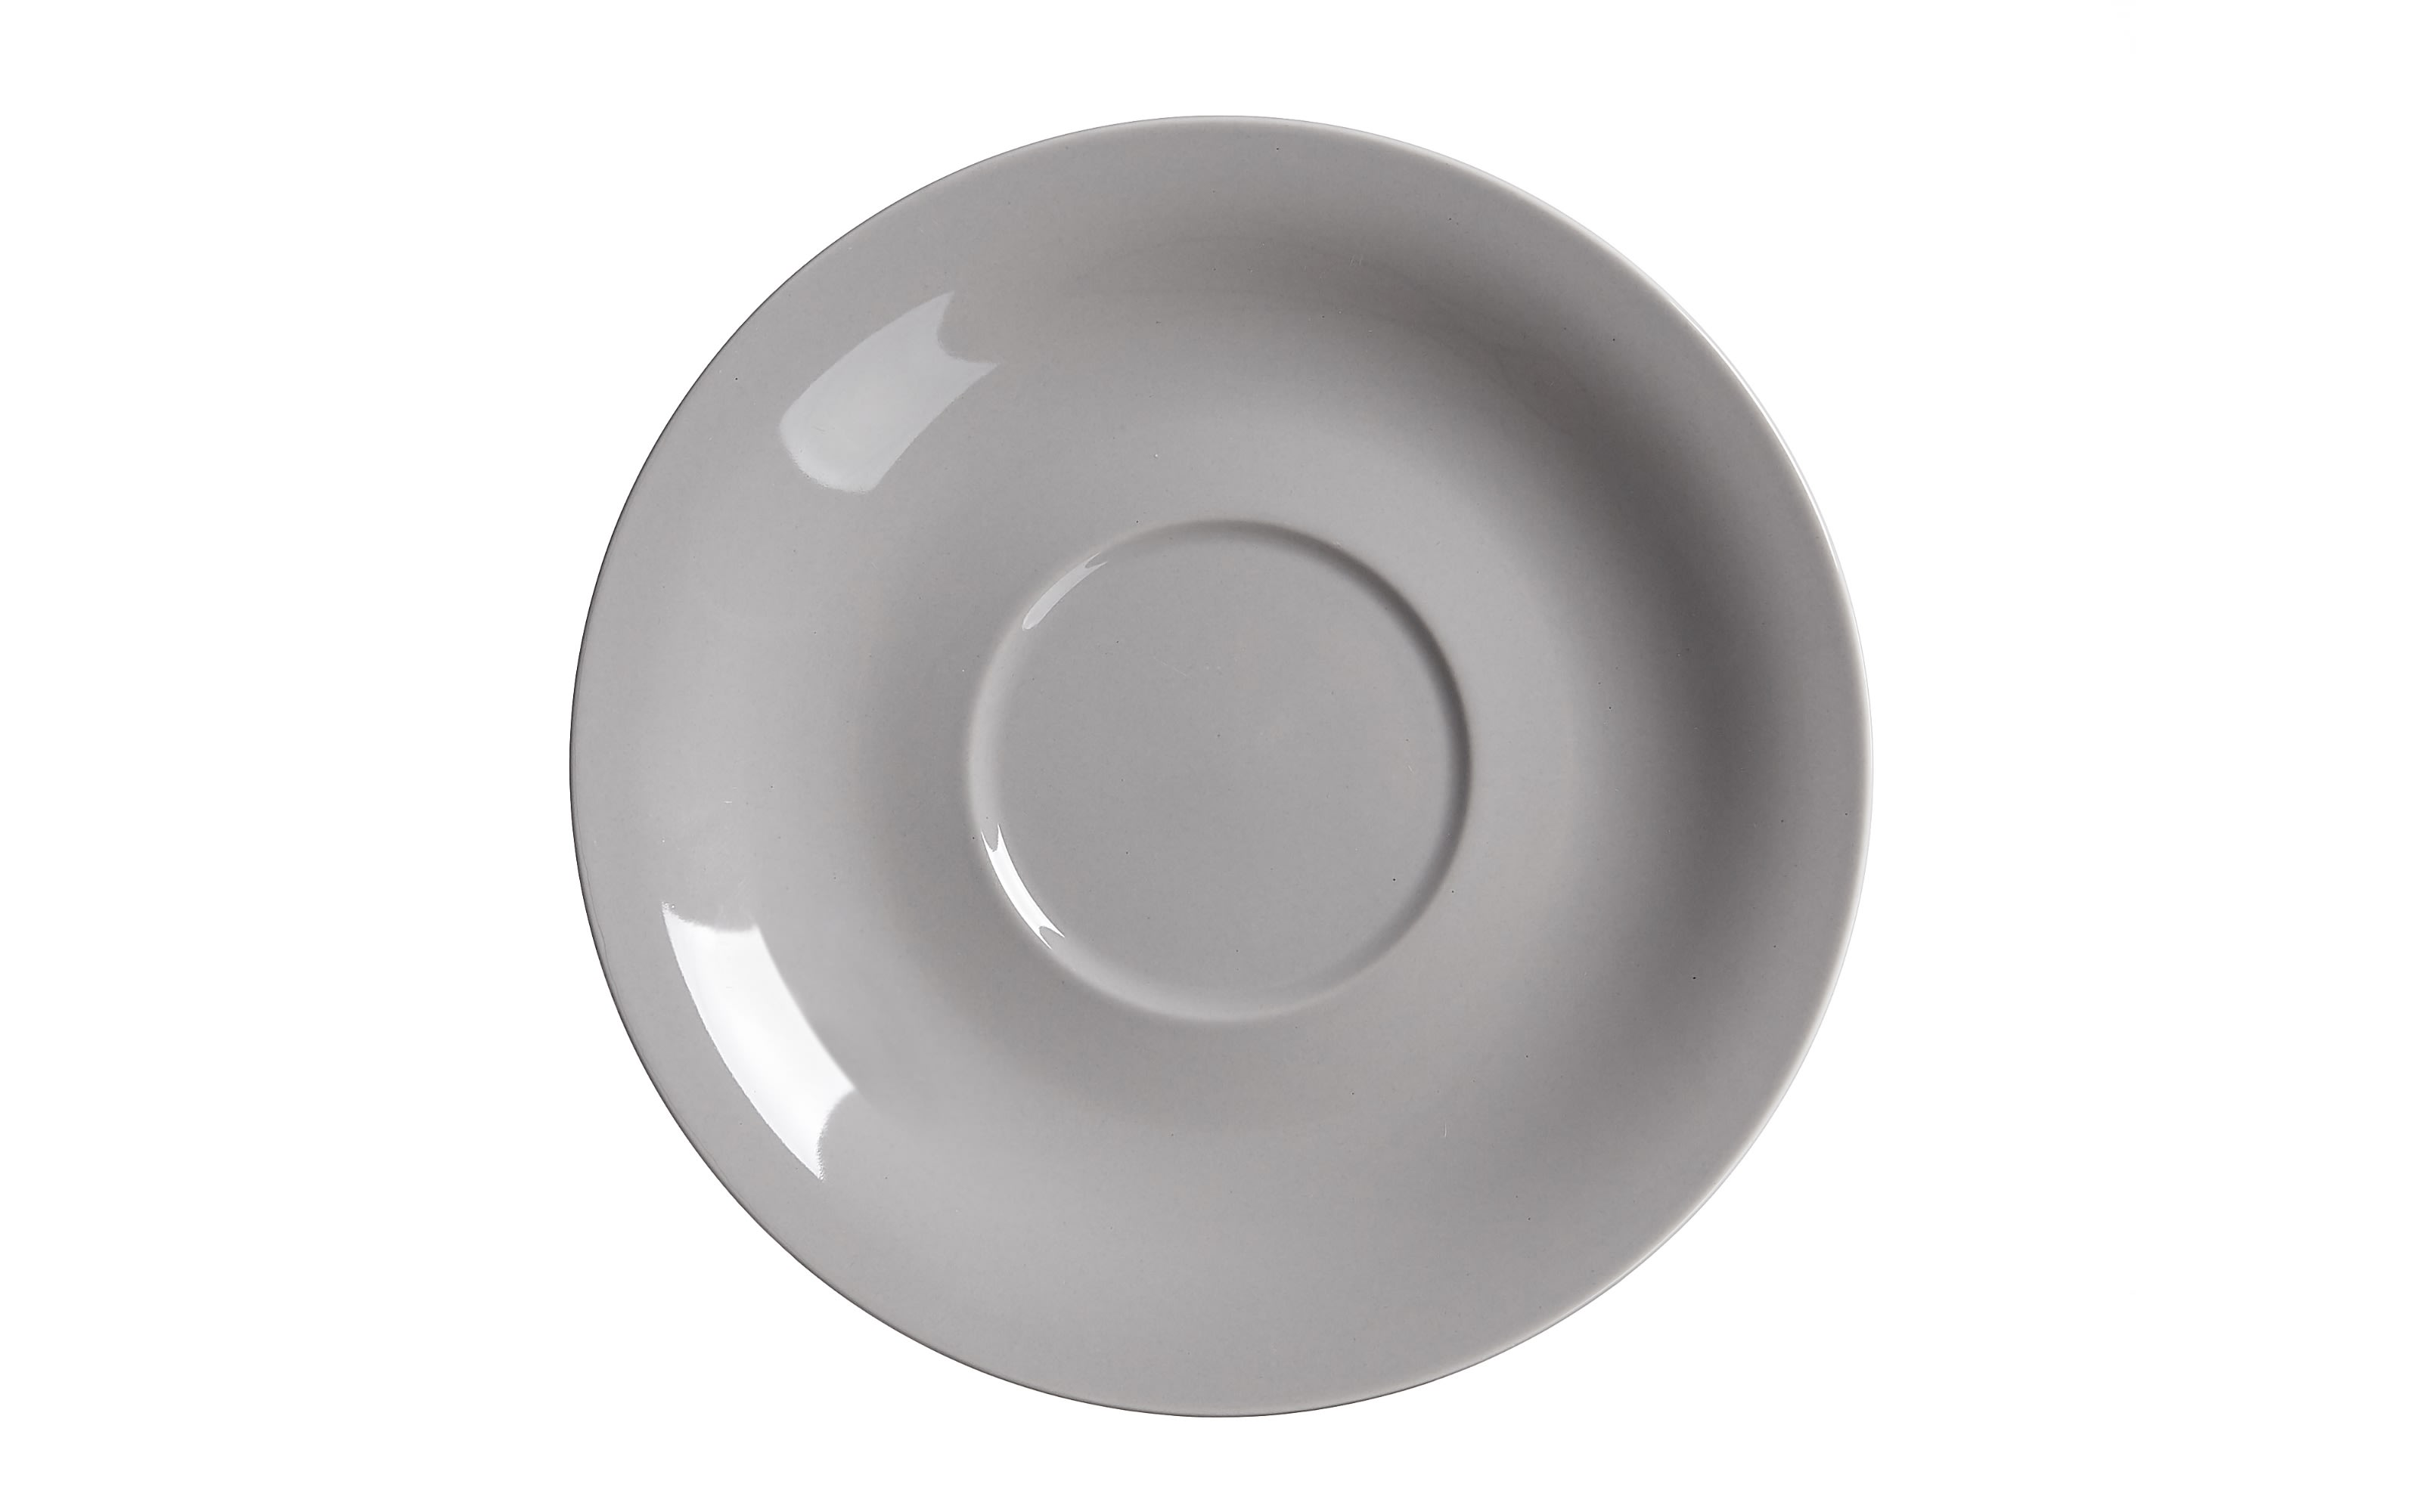 Jumbo Untertasse Doppio in grau, 17 cm